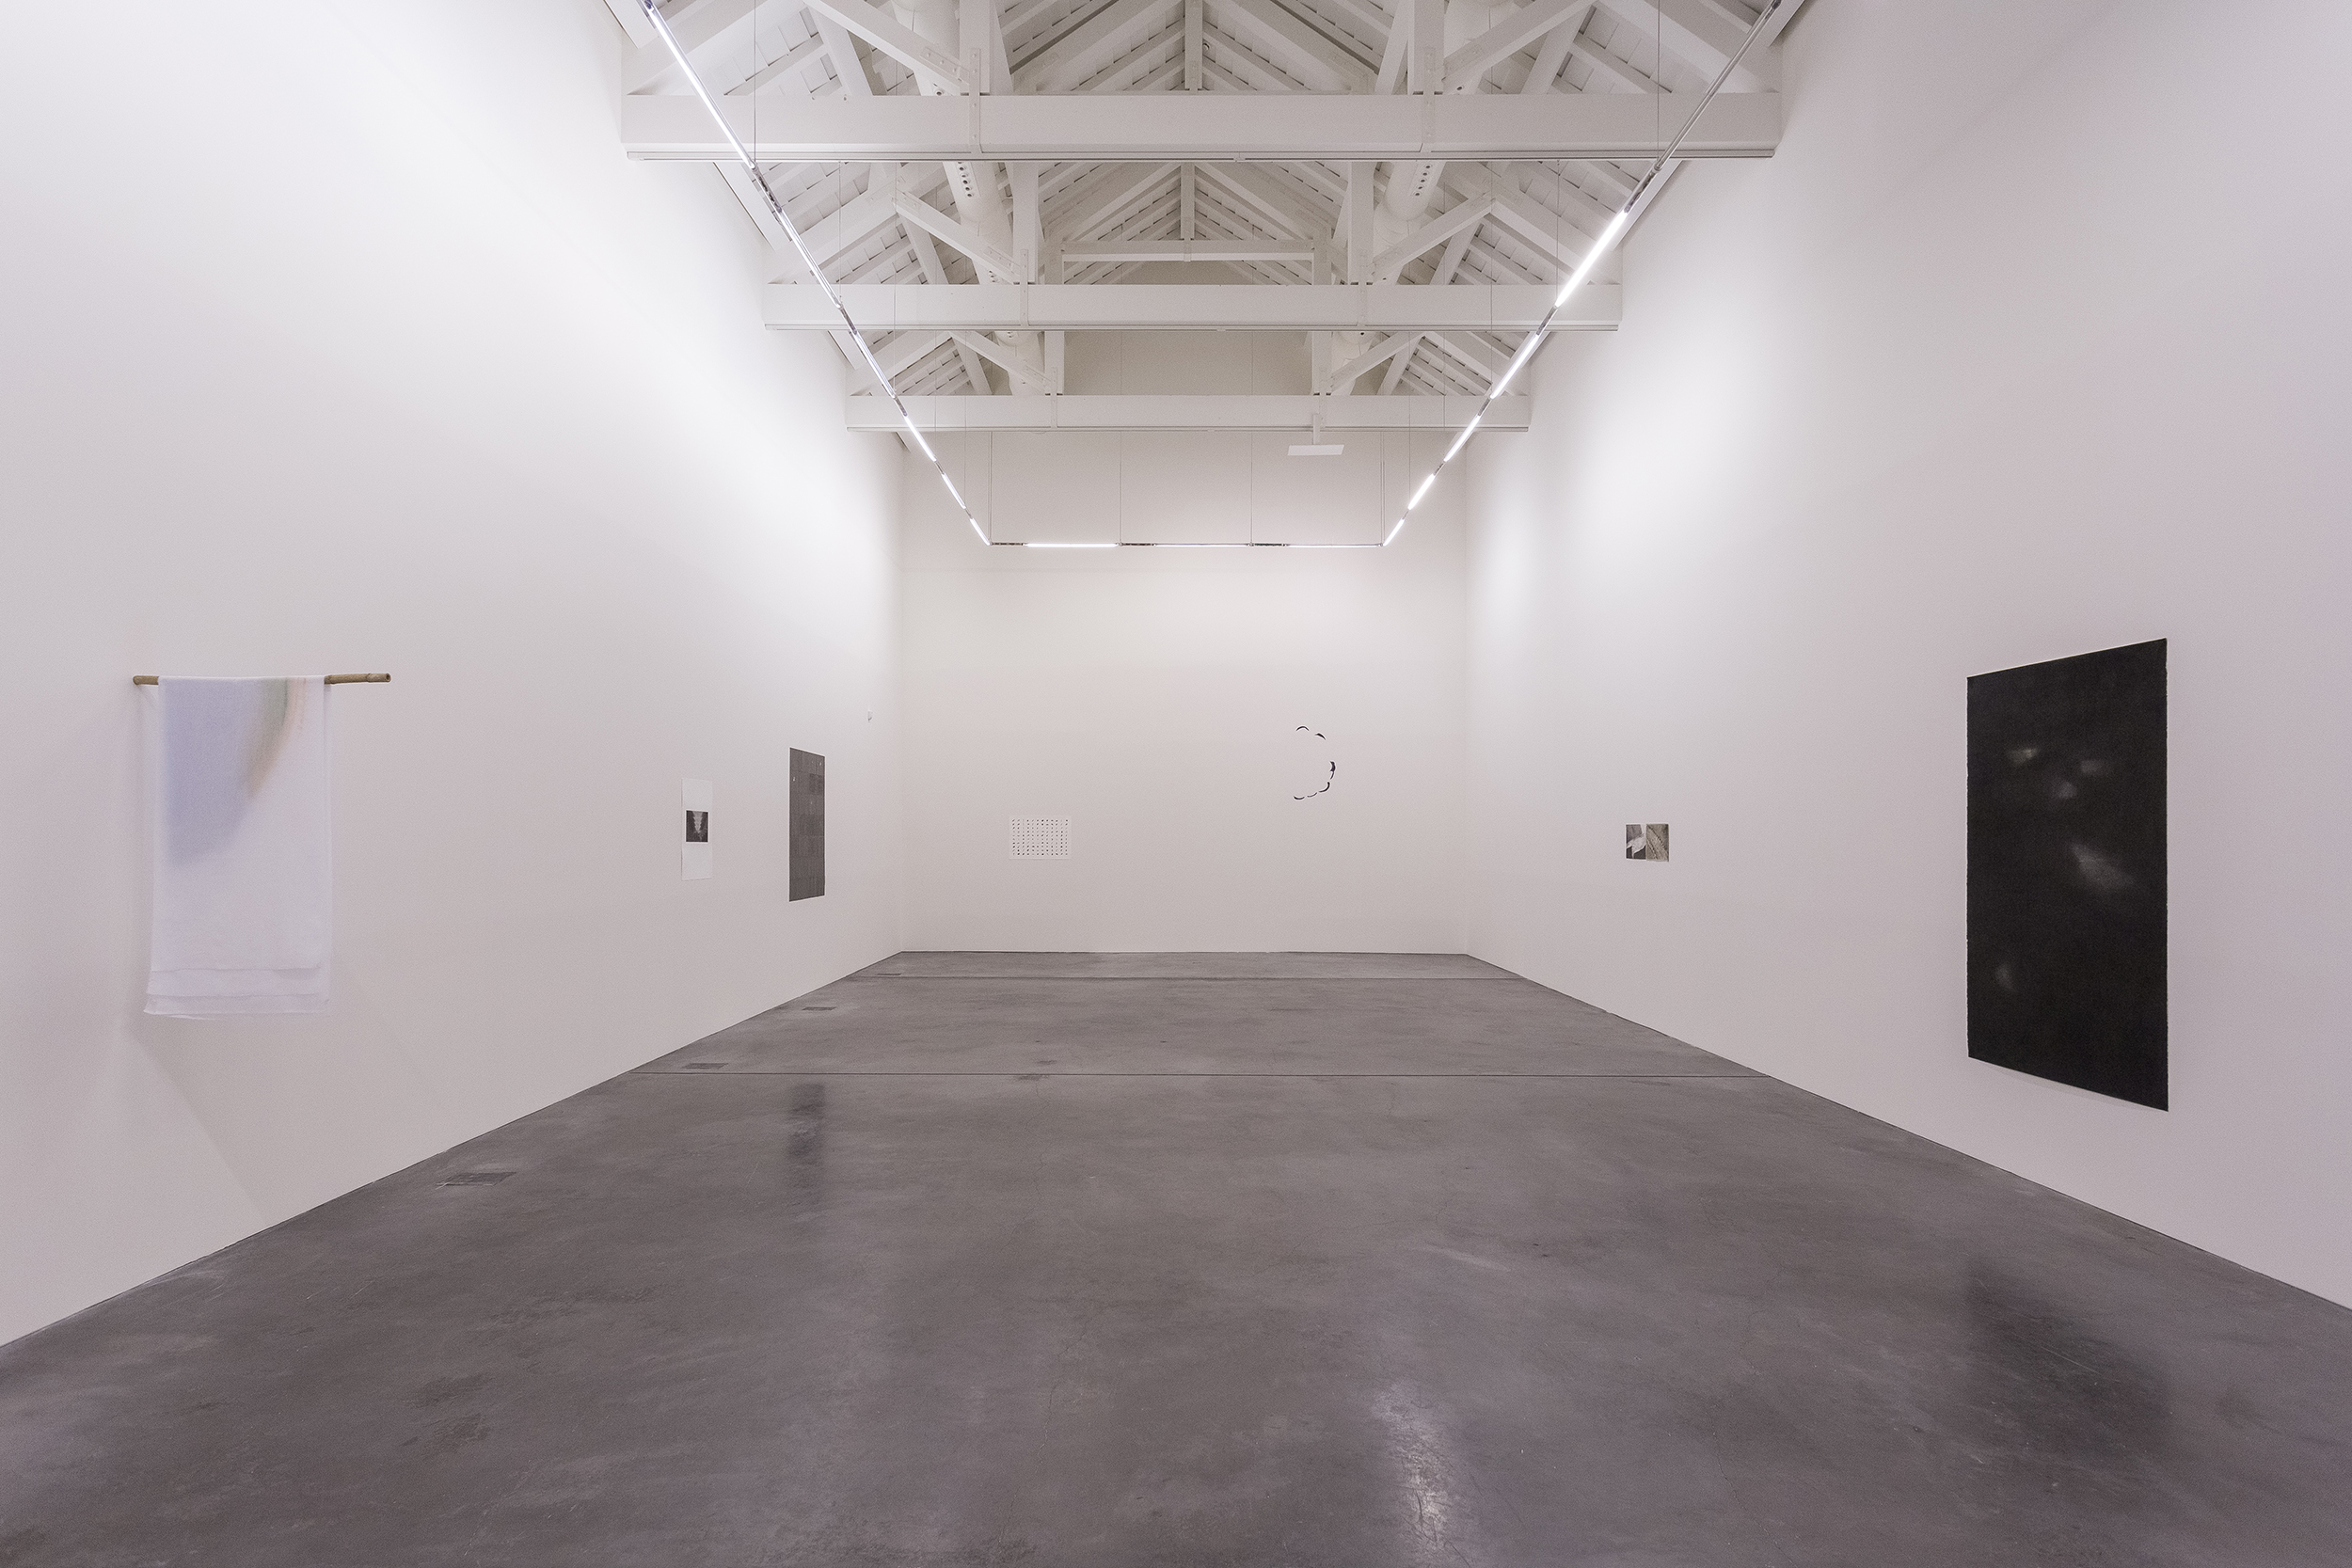 Installation view: Terra Incógnita, ARQUIPÉLAGO – Centro de Artes Contemporâneas, Açores, 2017 |  | ProjecteSD